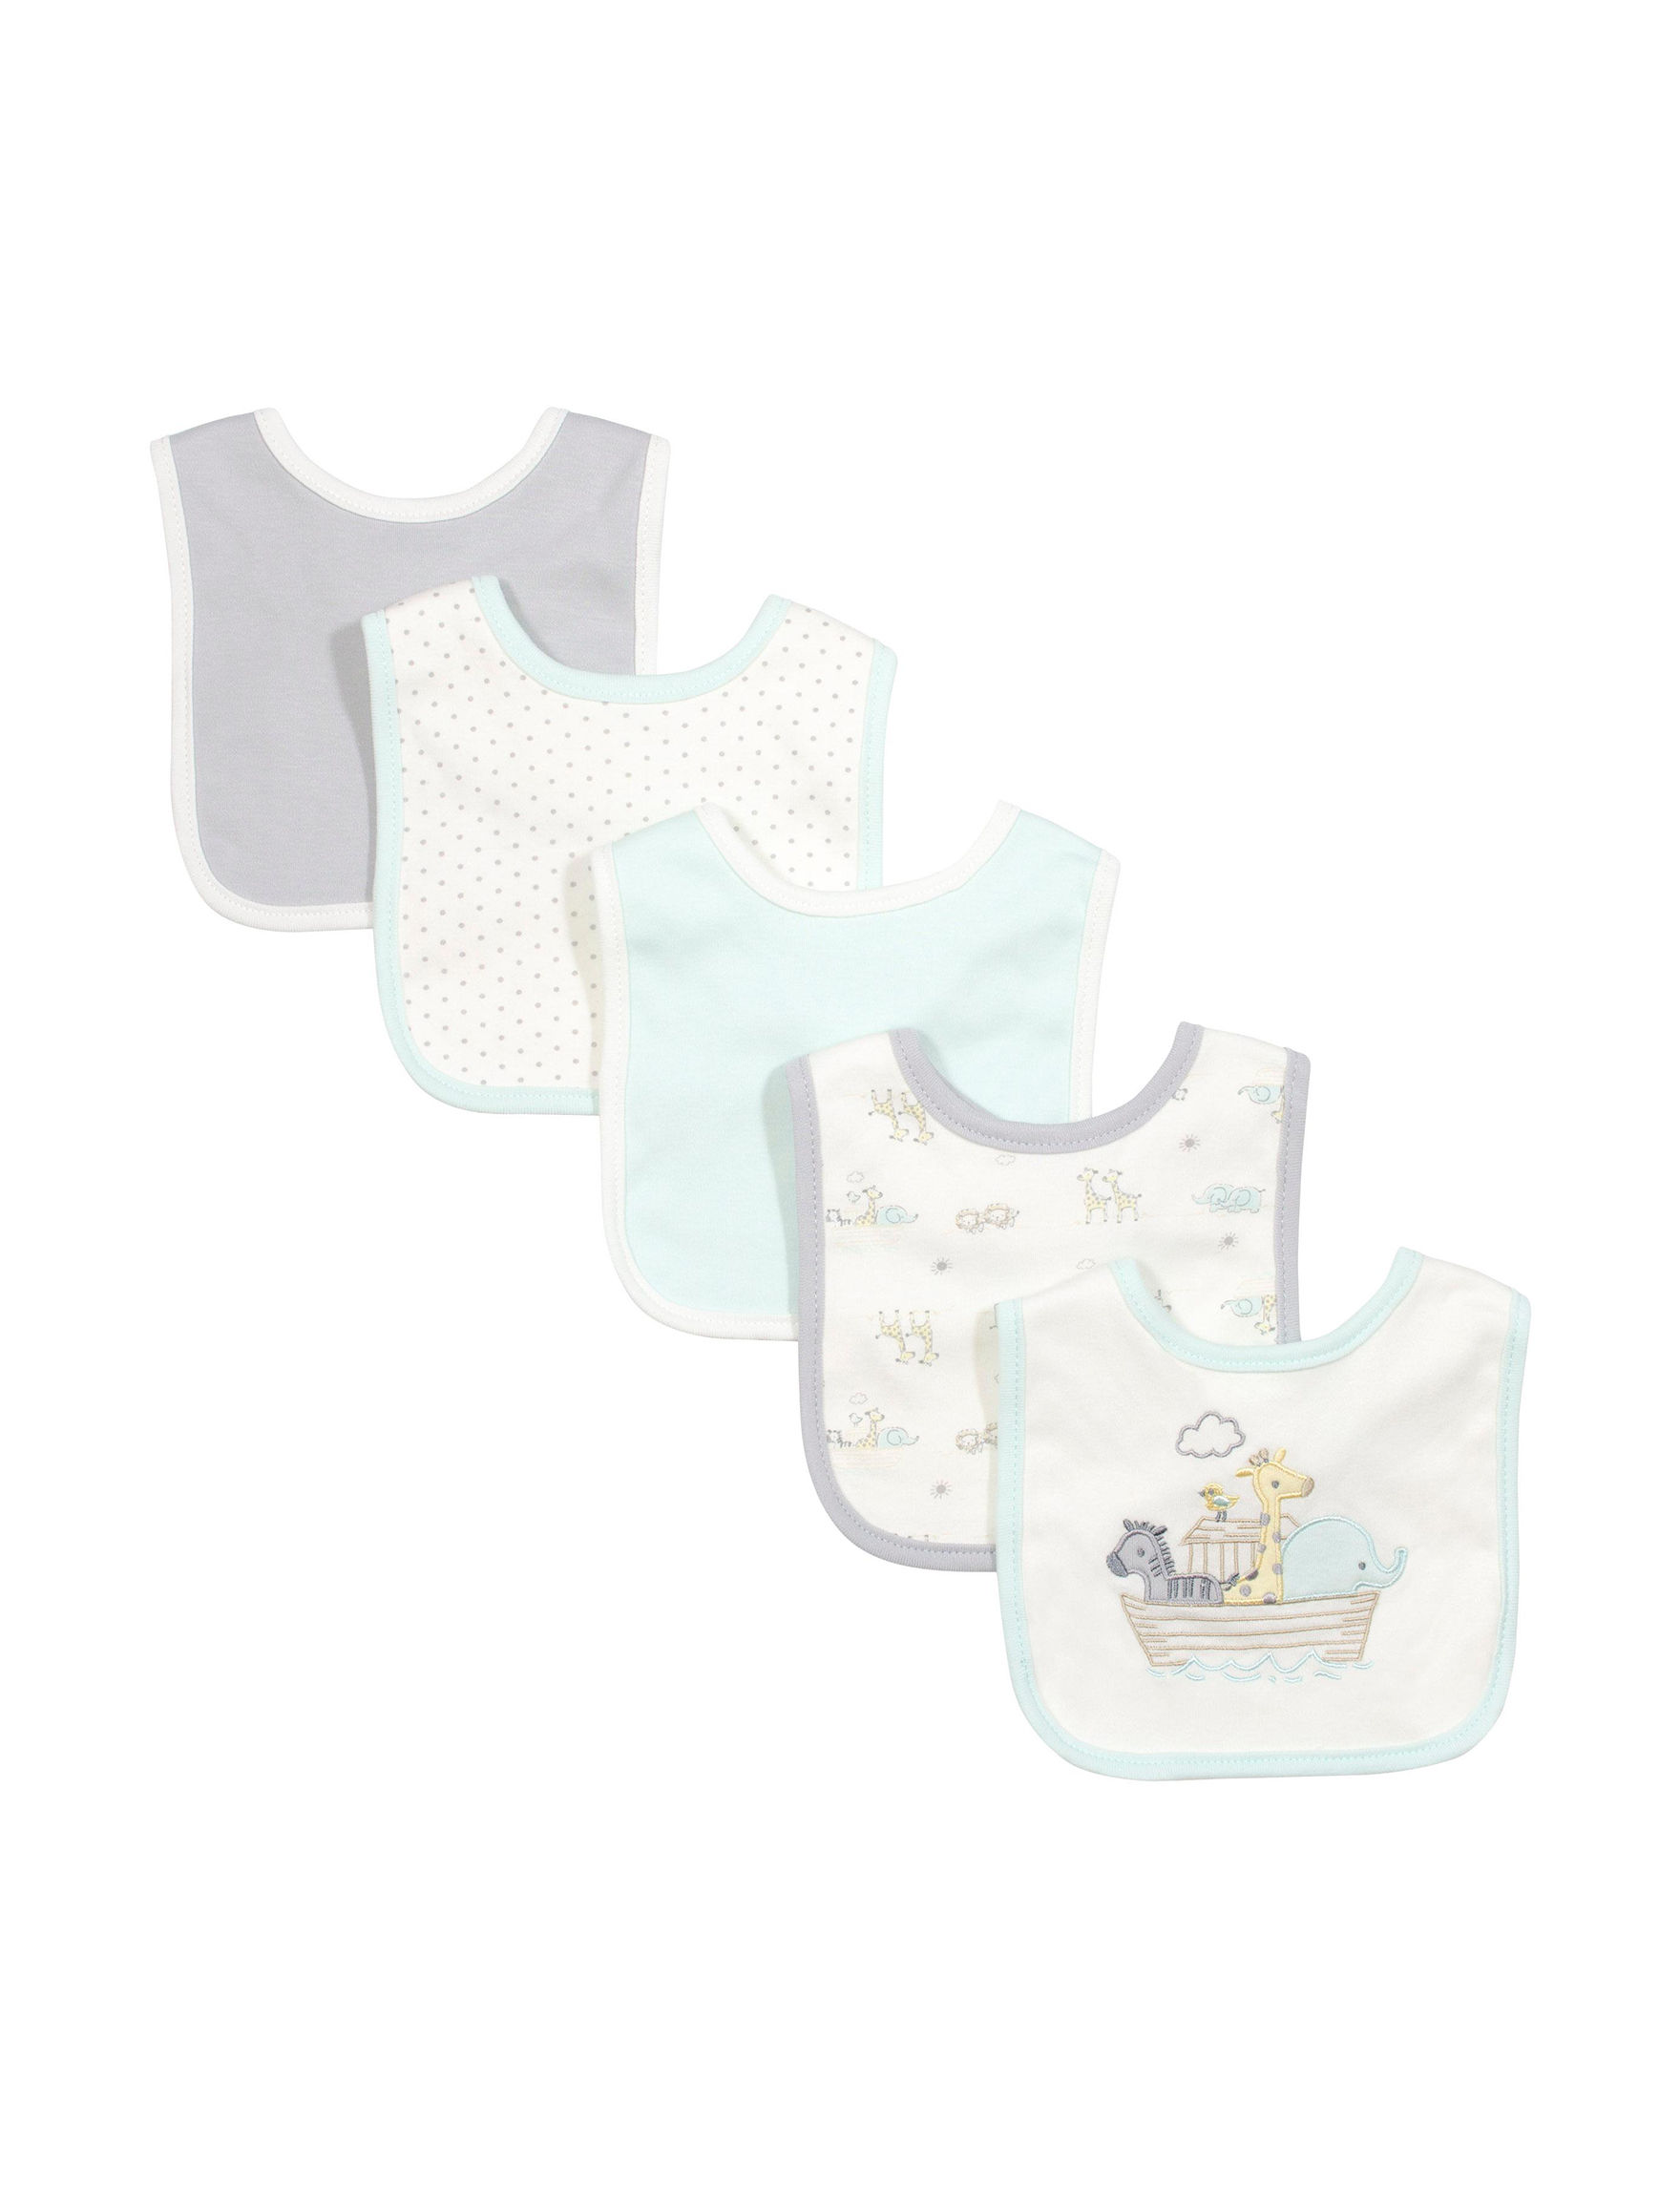 Baby Gear Mint Bibs & Burp Cloths